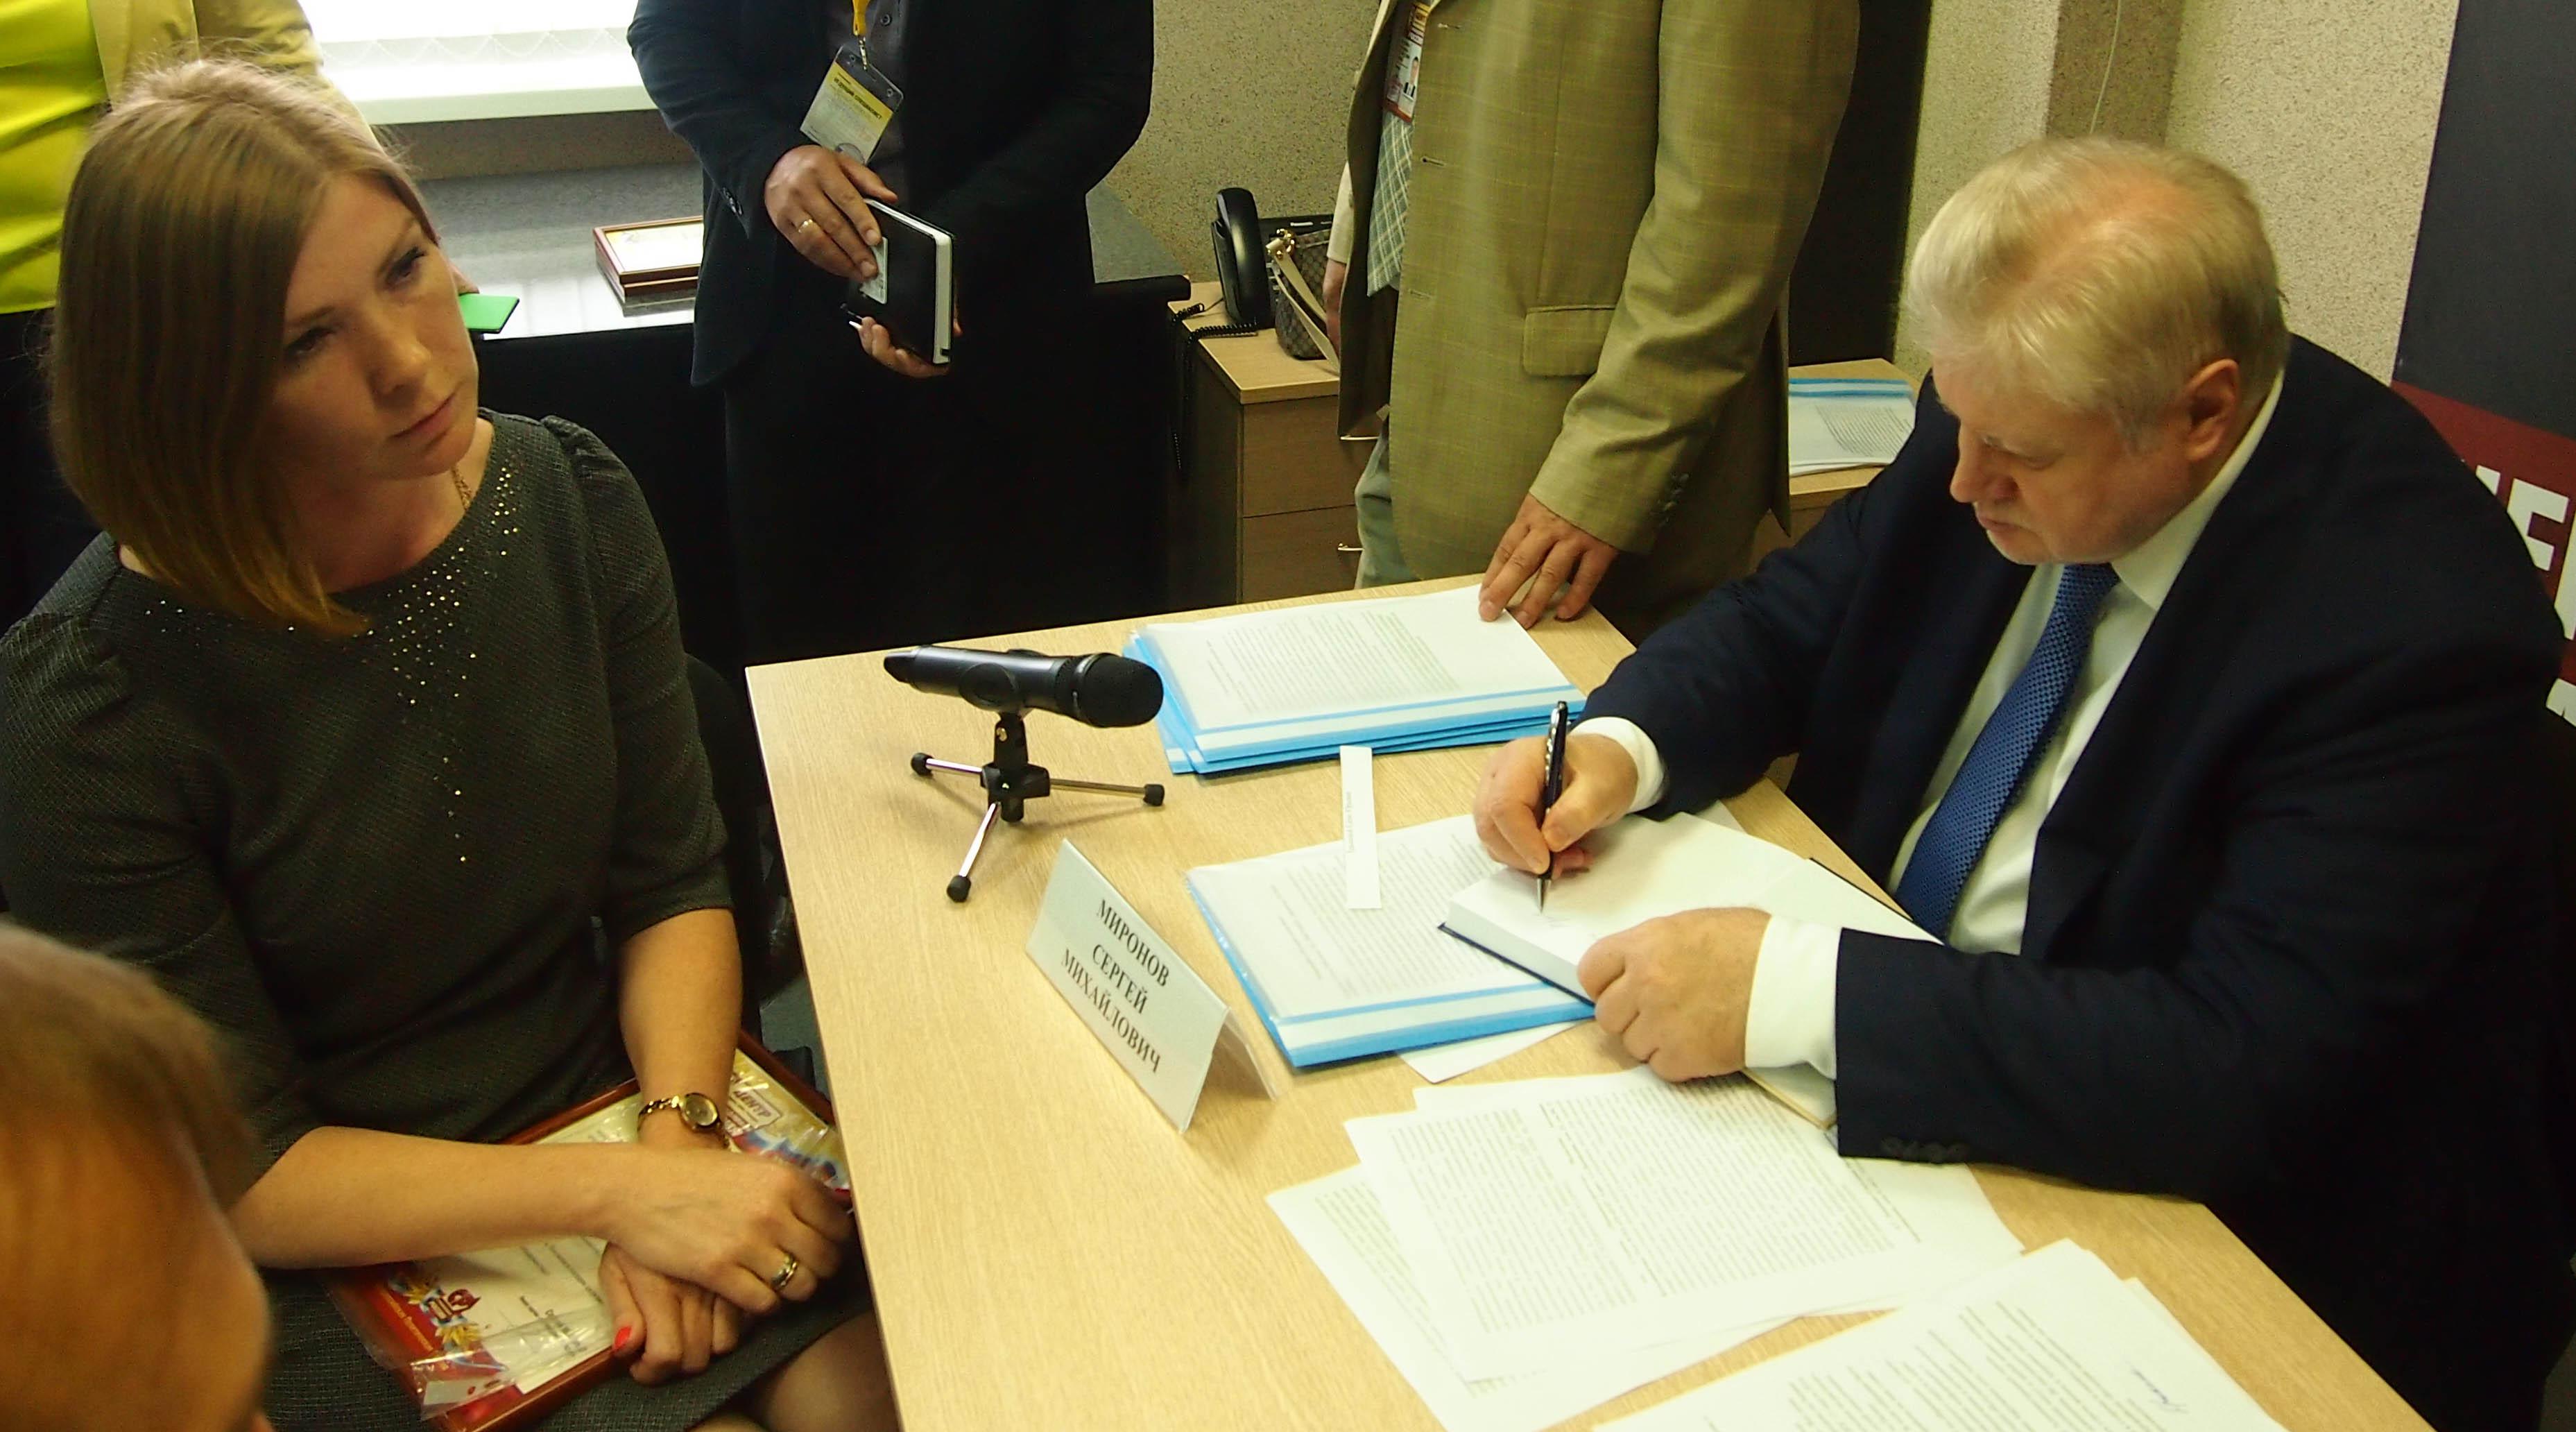 Миронов подписывает свою книгу одному из приглашенных граждан. Фото: Валерий Поташов